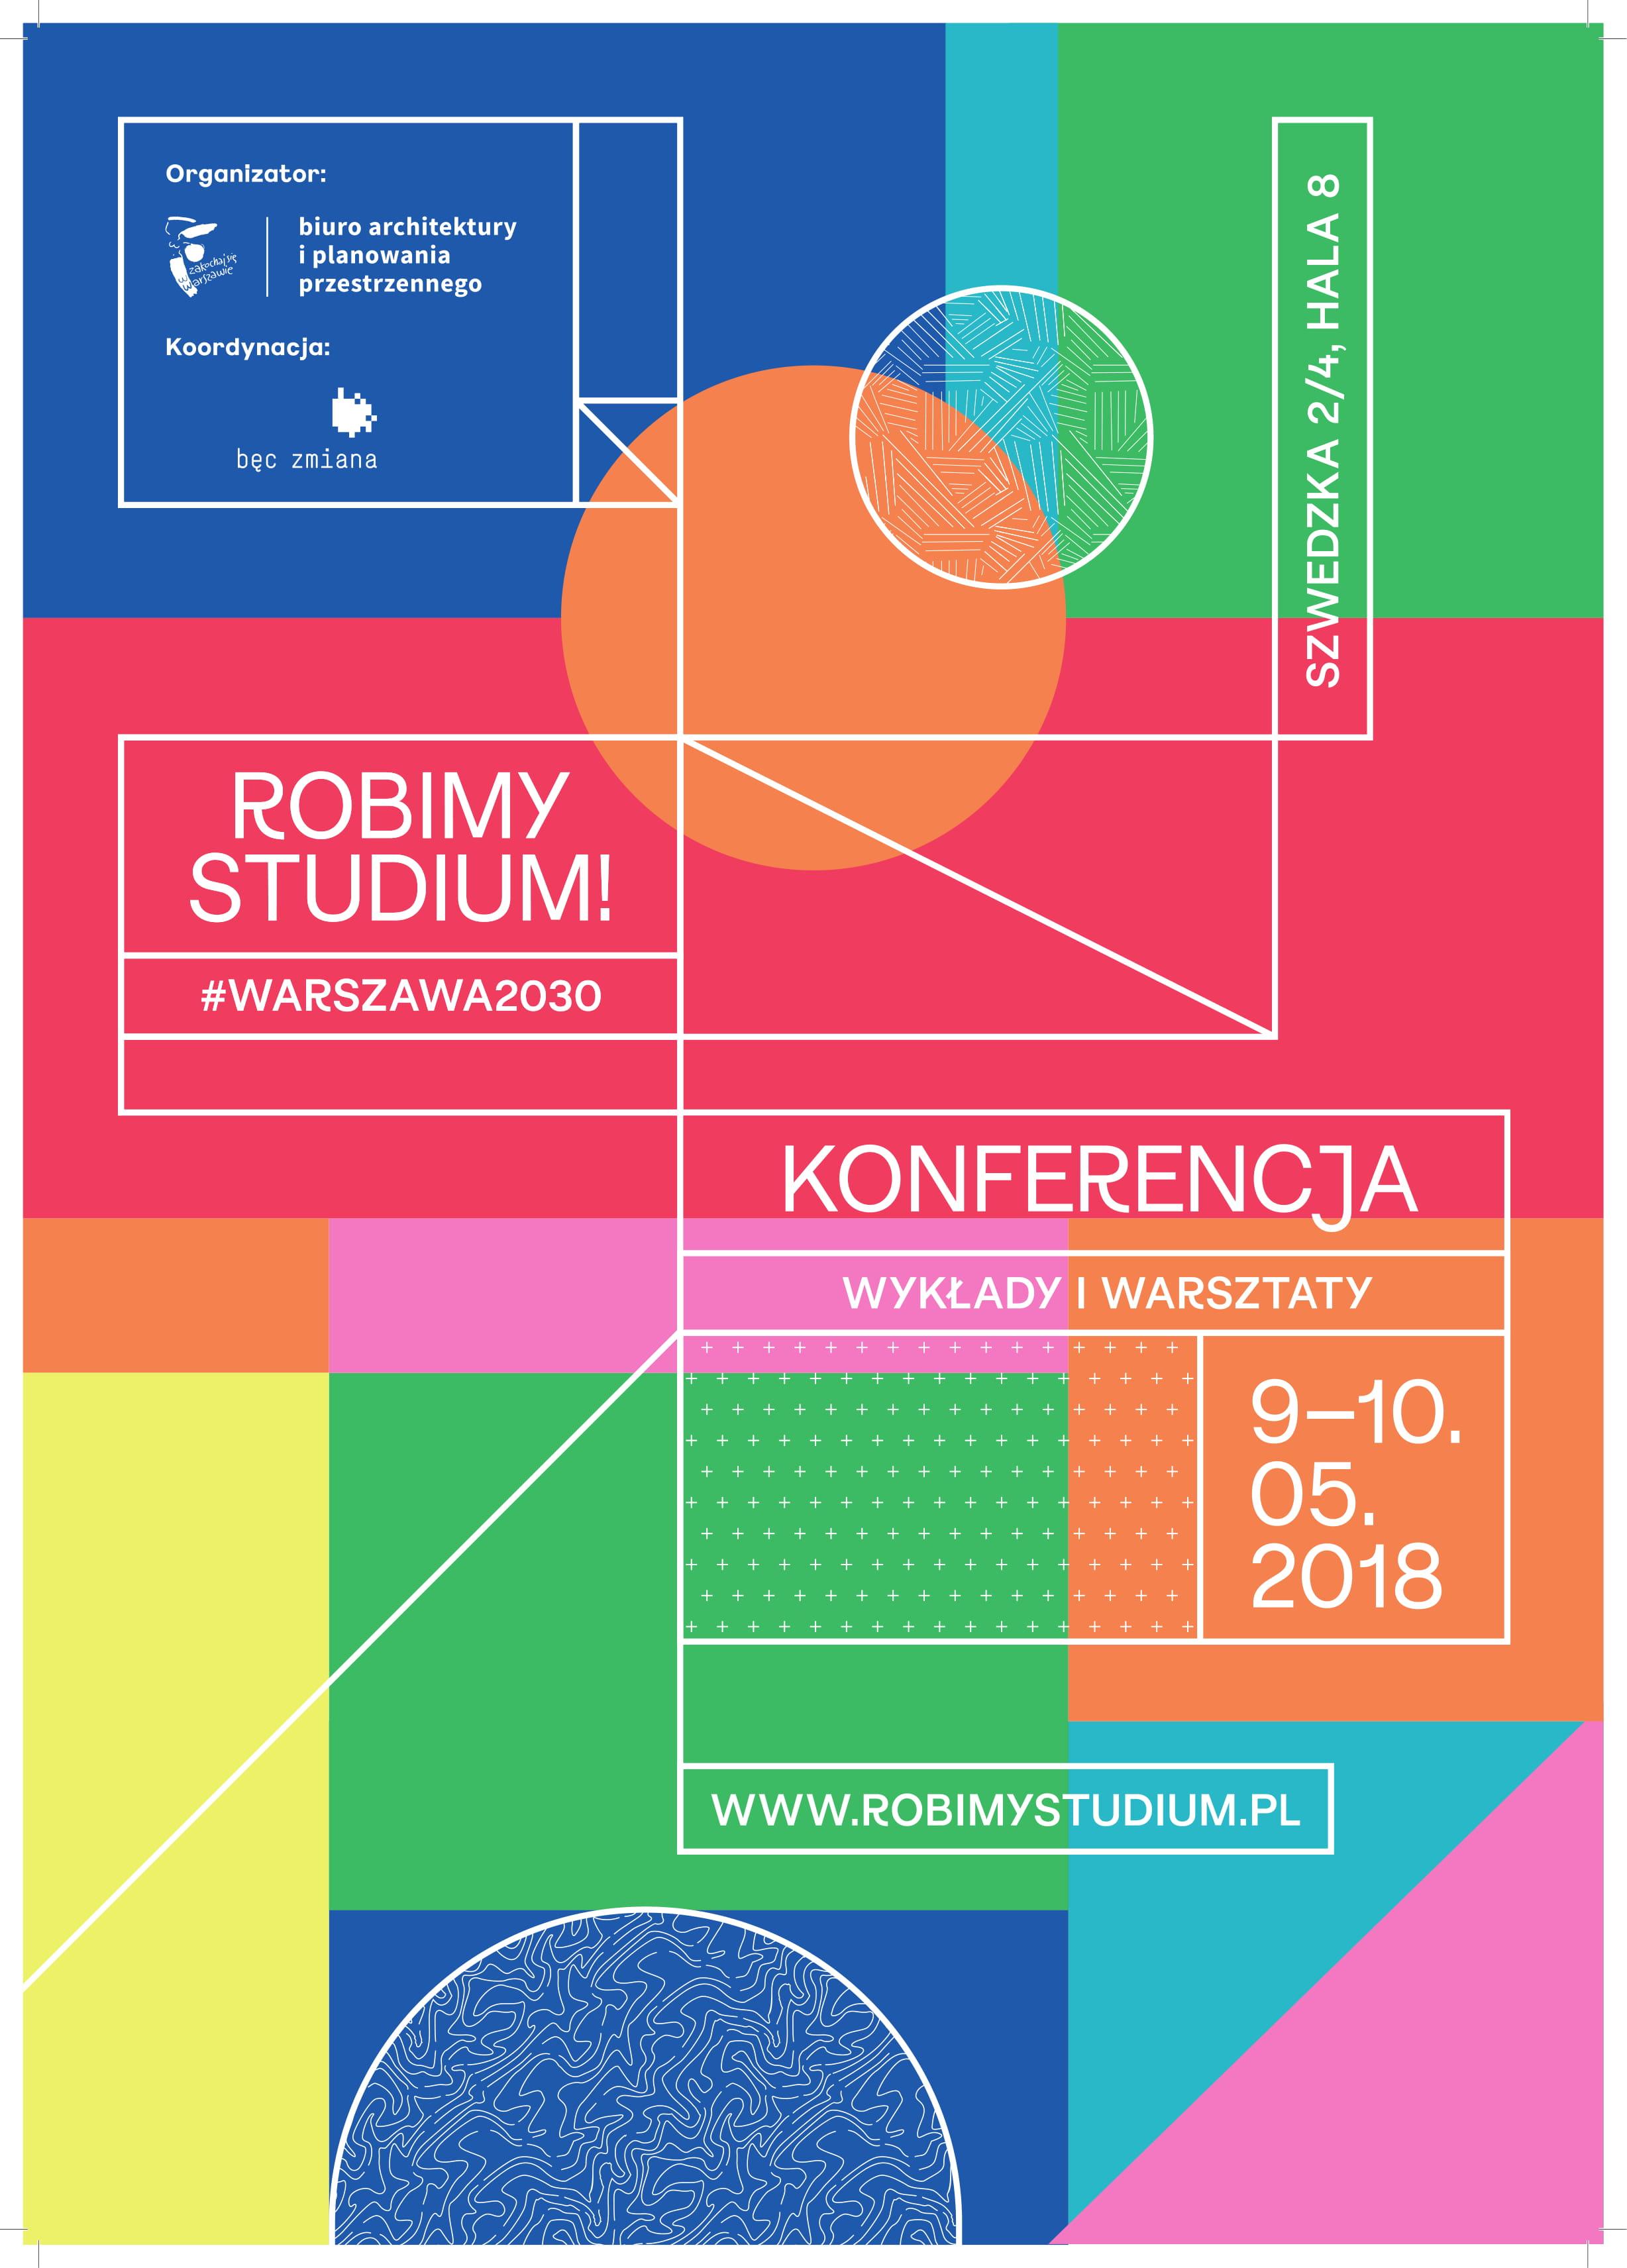 """Plakat konferencji """"Robimy Studium"""" (źródło: materiały prasowe)"""